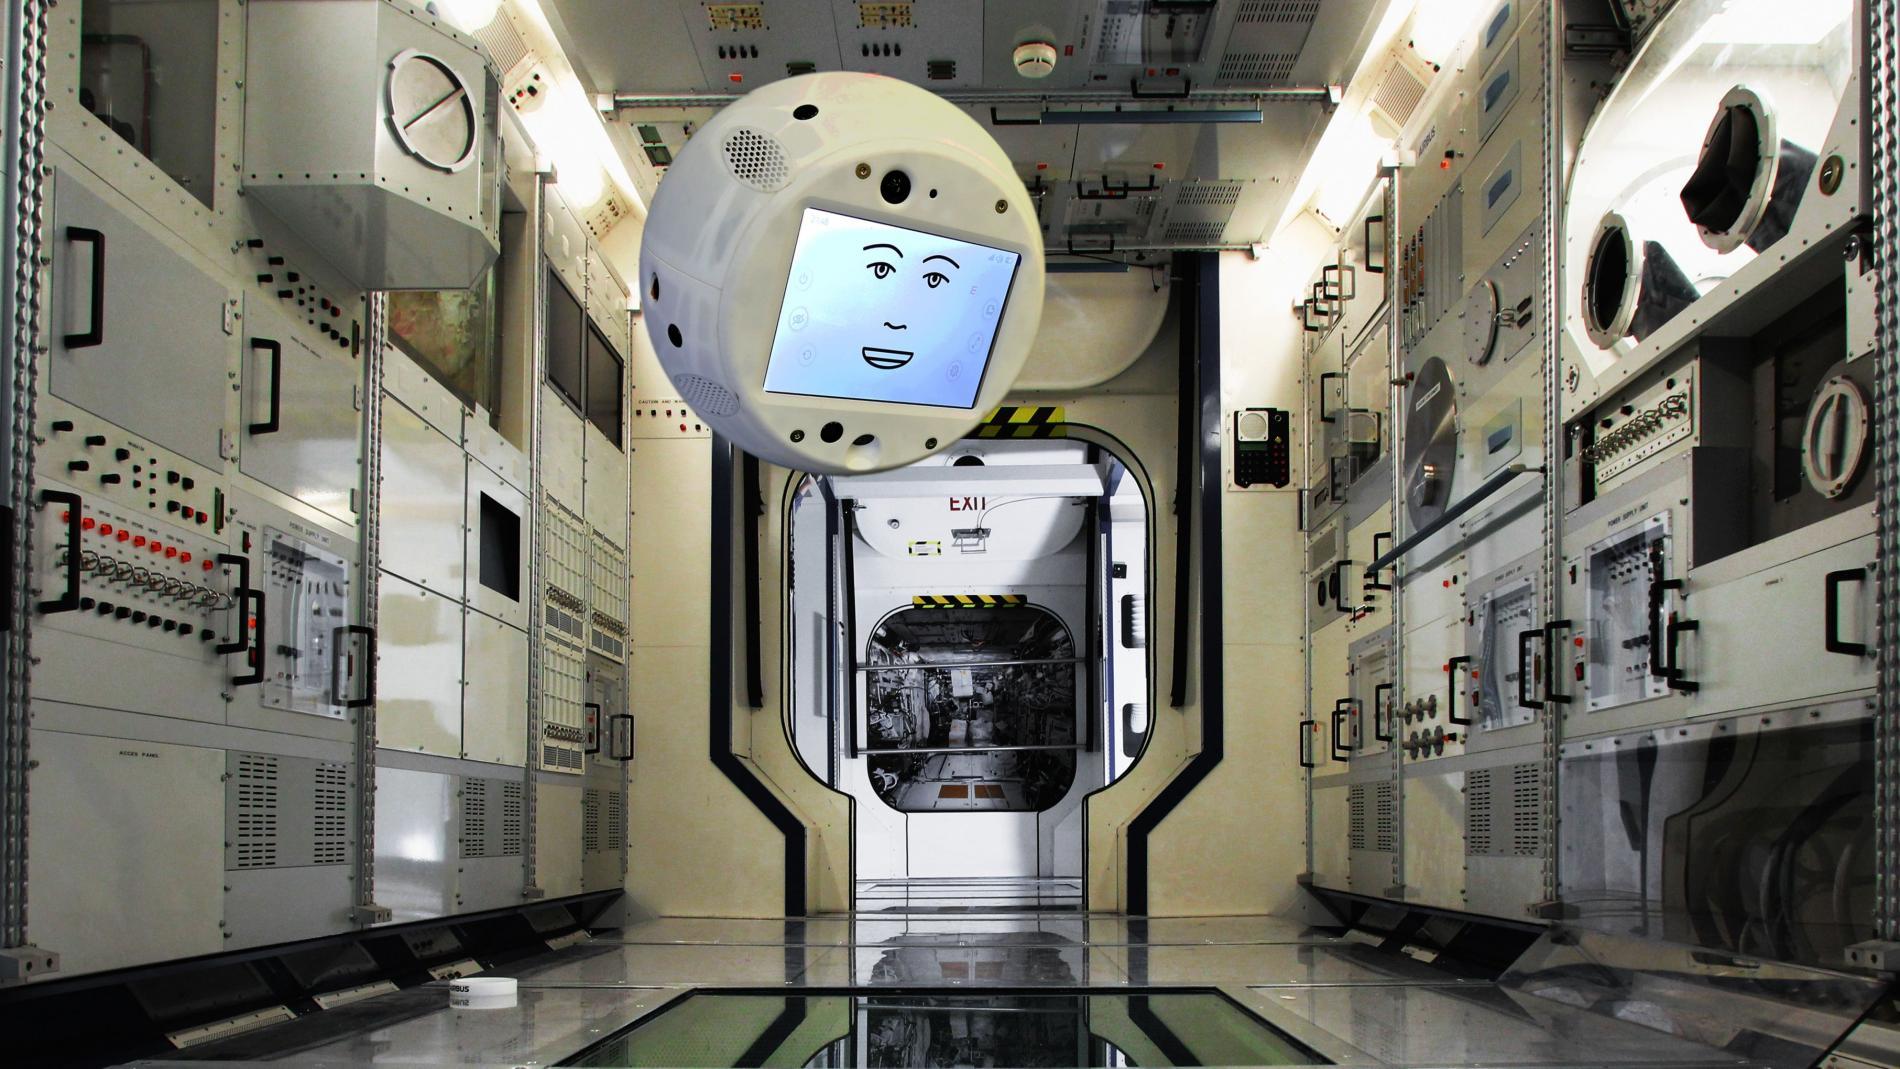 Умнее, дальше, точнее: как ИИ меняет полеты в космос - 6